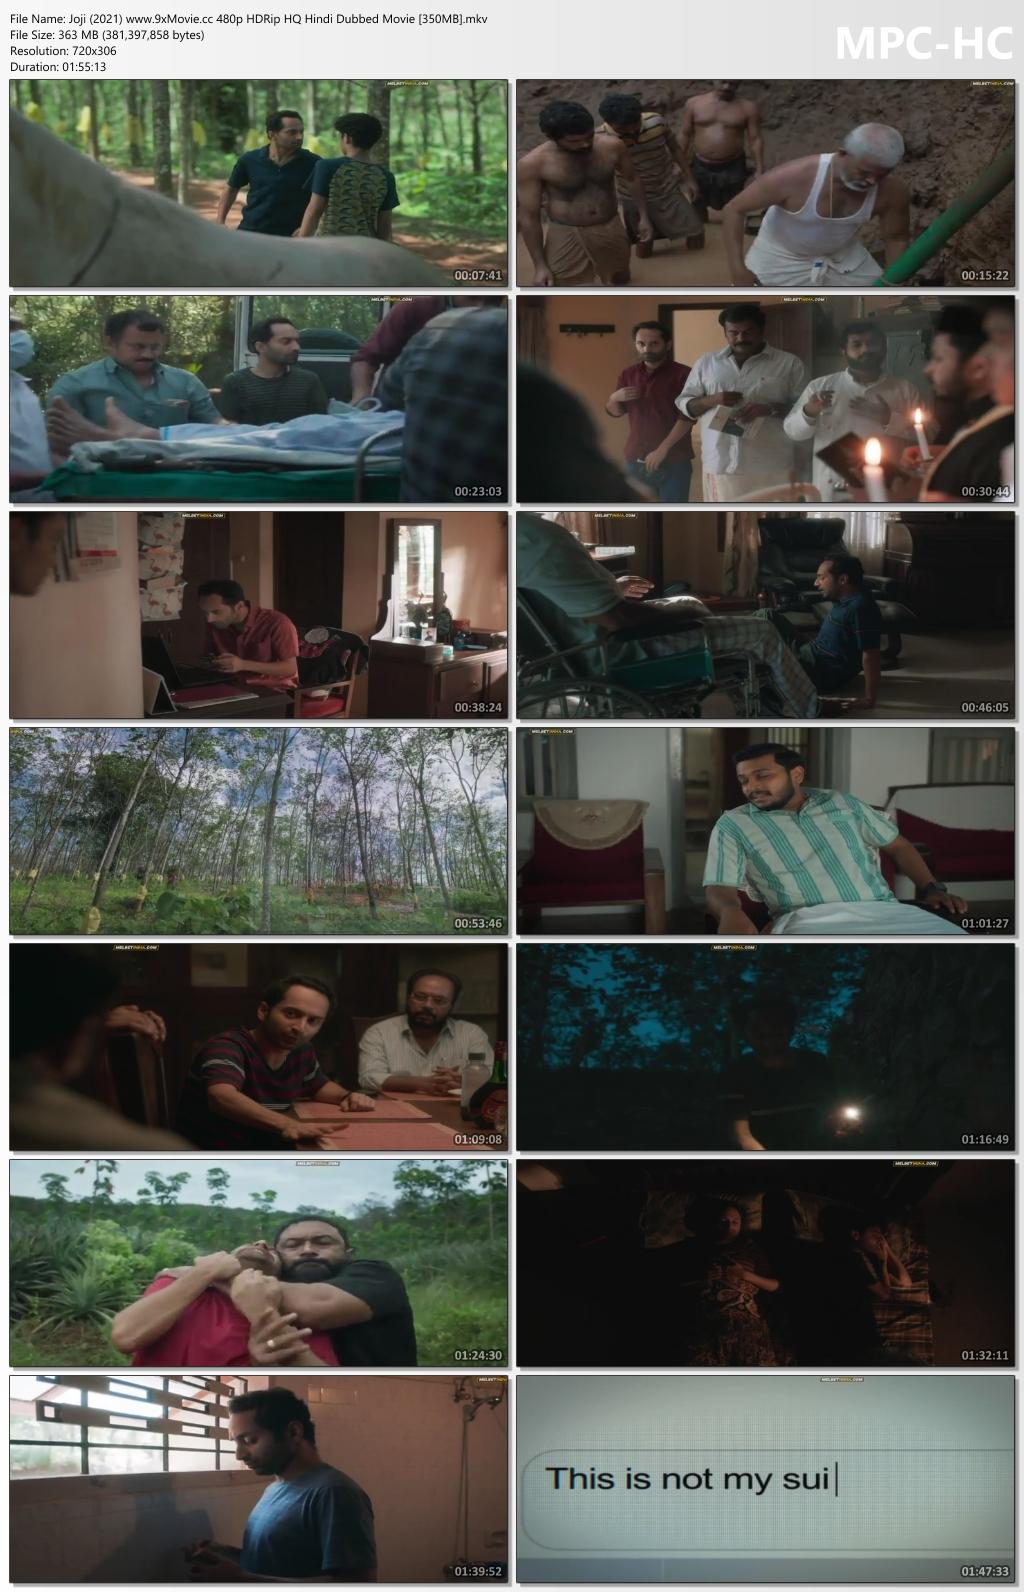 Joji-2021-www-9x-Movie-cc-480p-HDRip-HQ-Hindi-Dubbed-Movie-350-MB-mkv